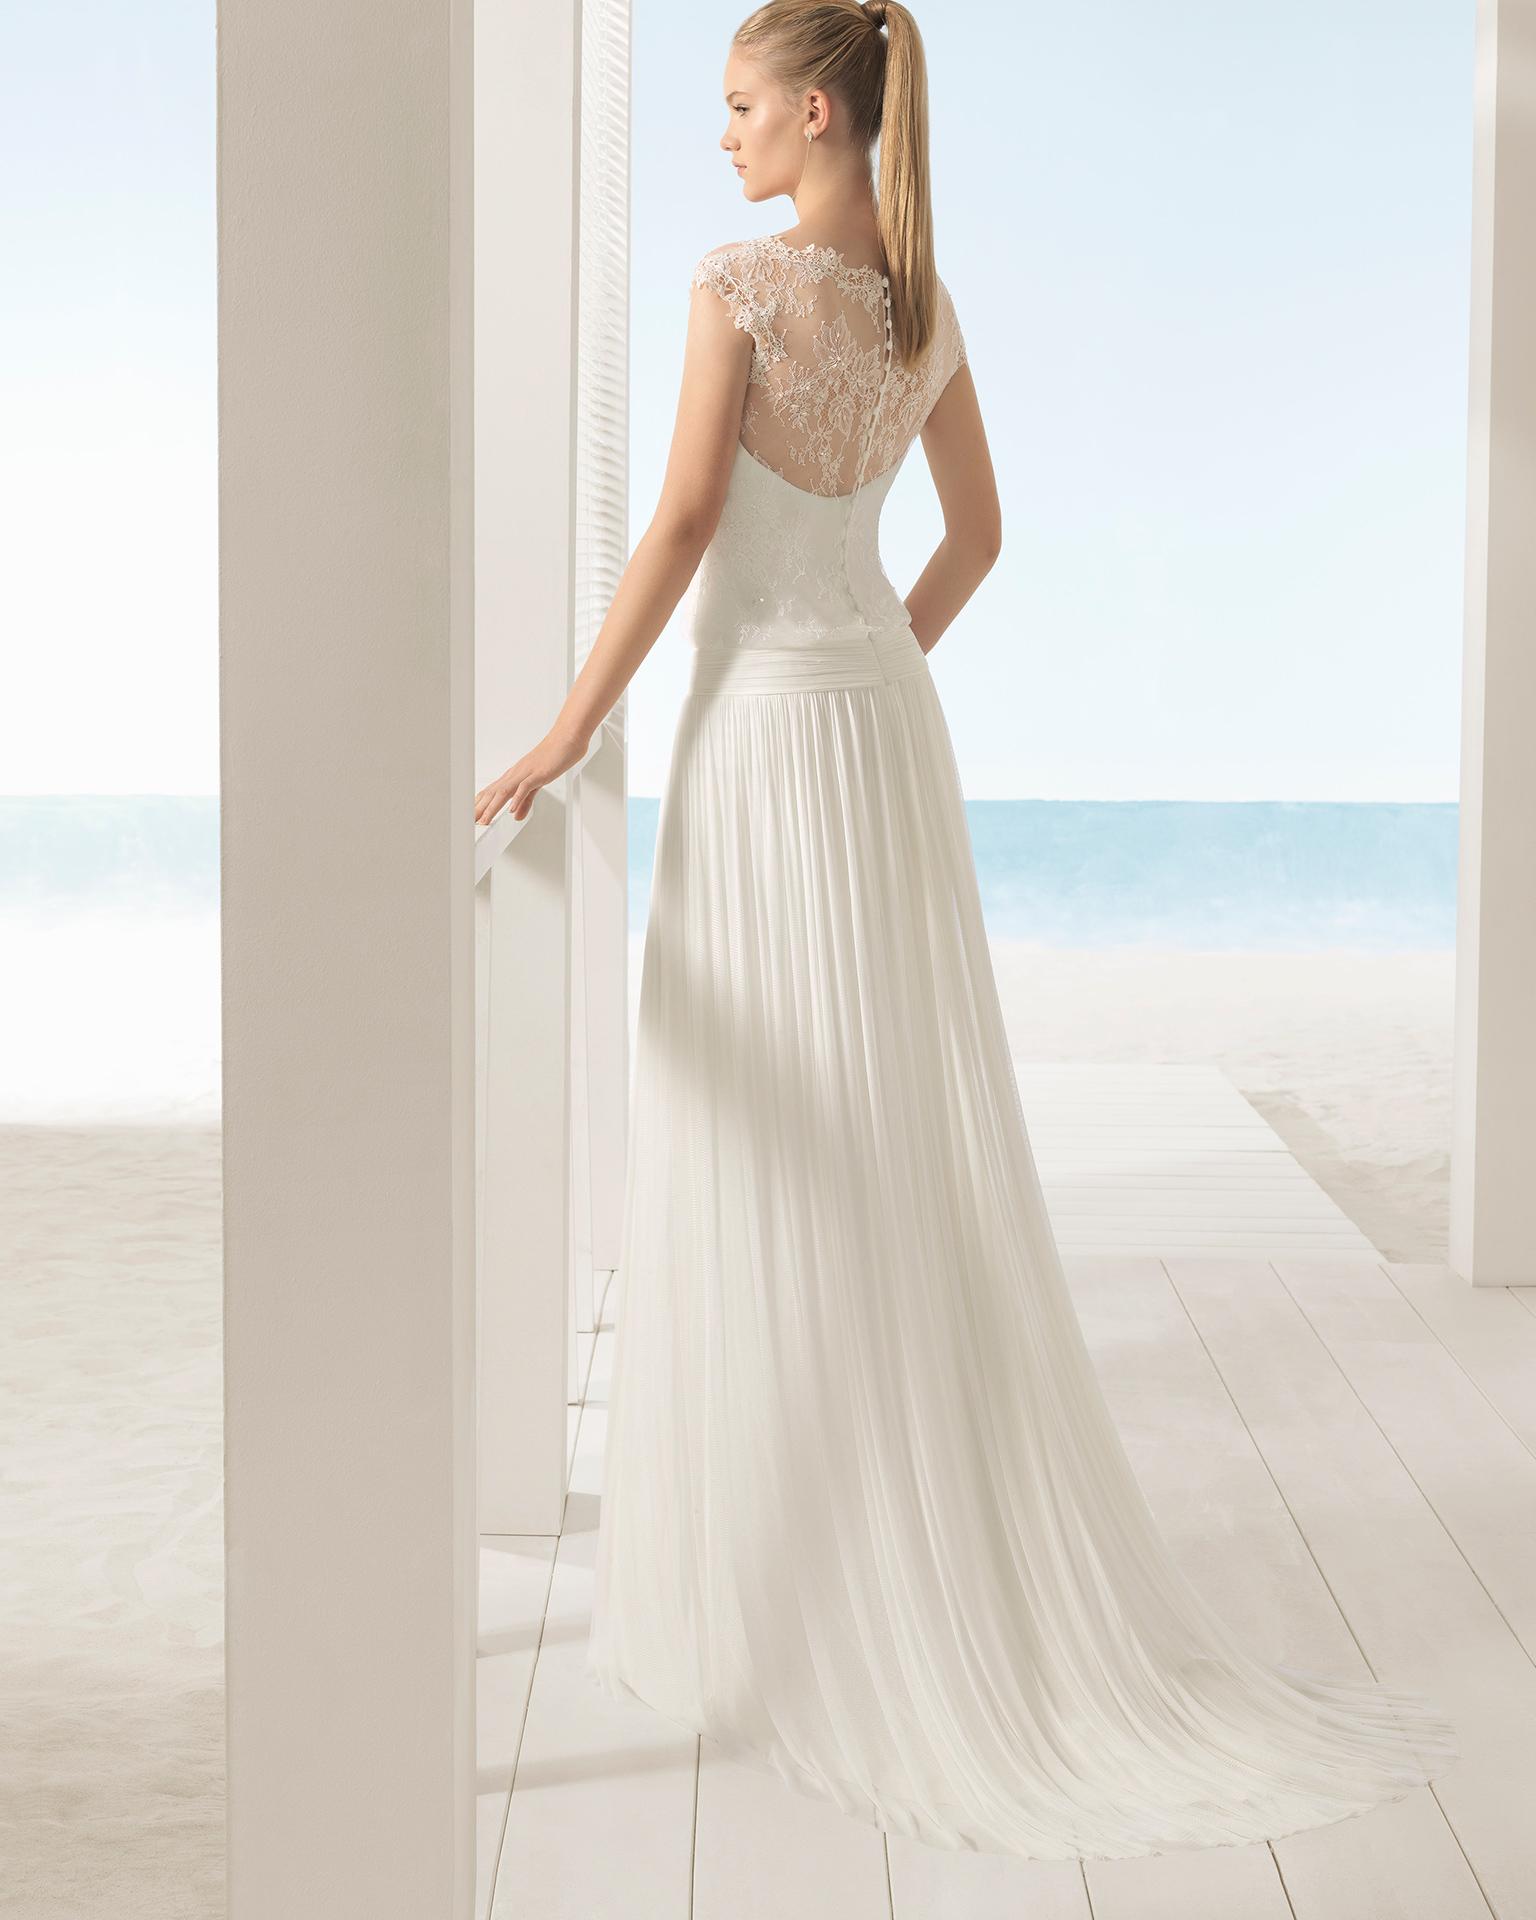 Vestido de novia estilo boho de encaje pedrería y muselina de seda, con escote ilusión sobre escote corazón y cuerpo ablusonado.